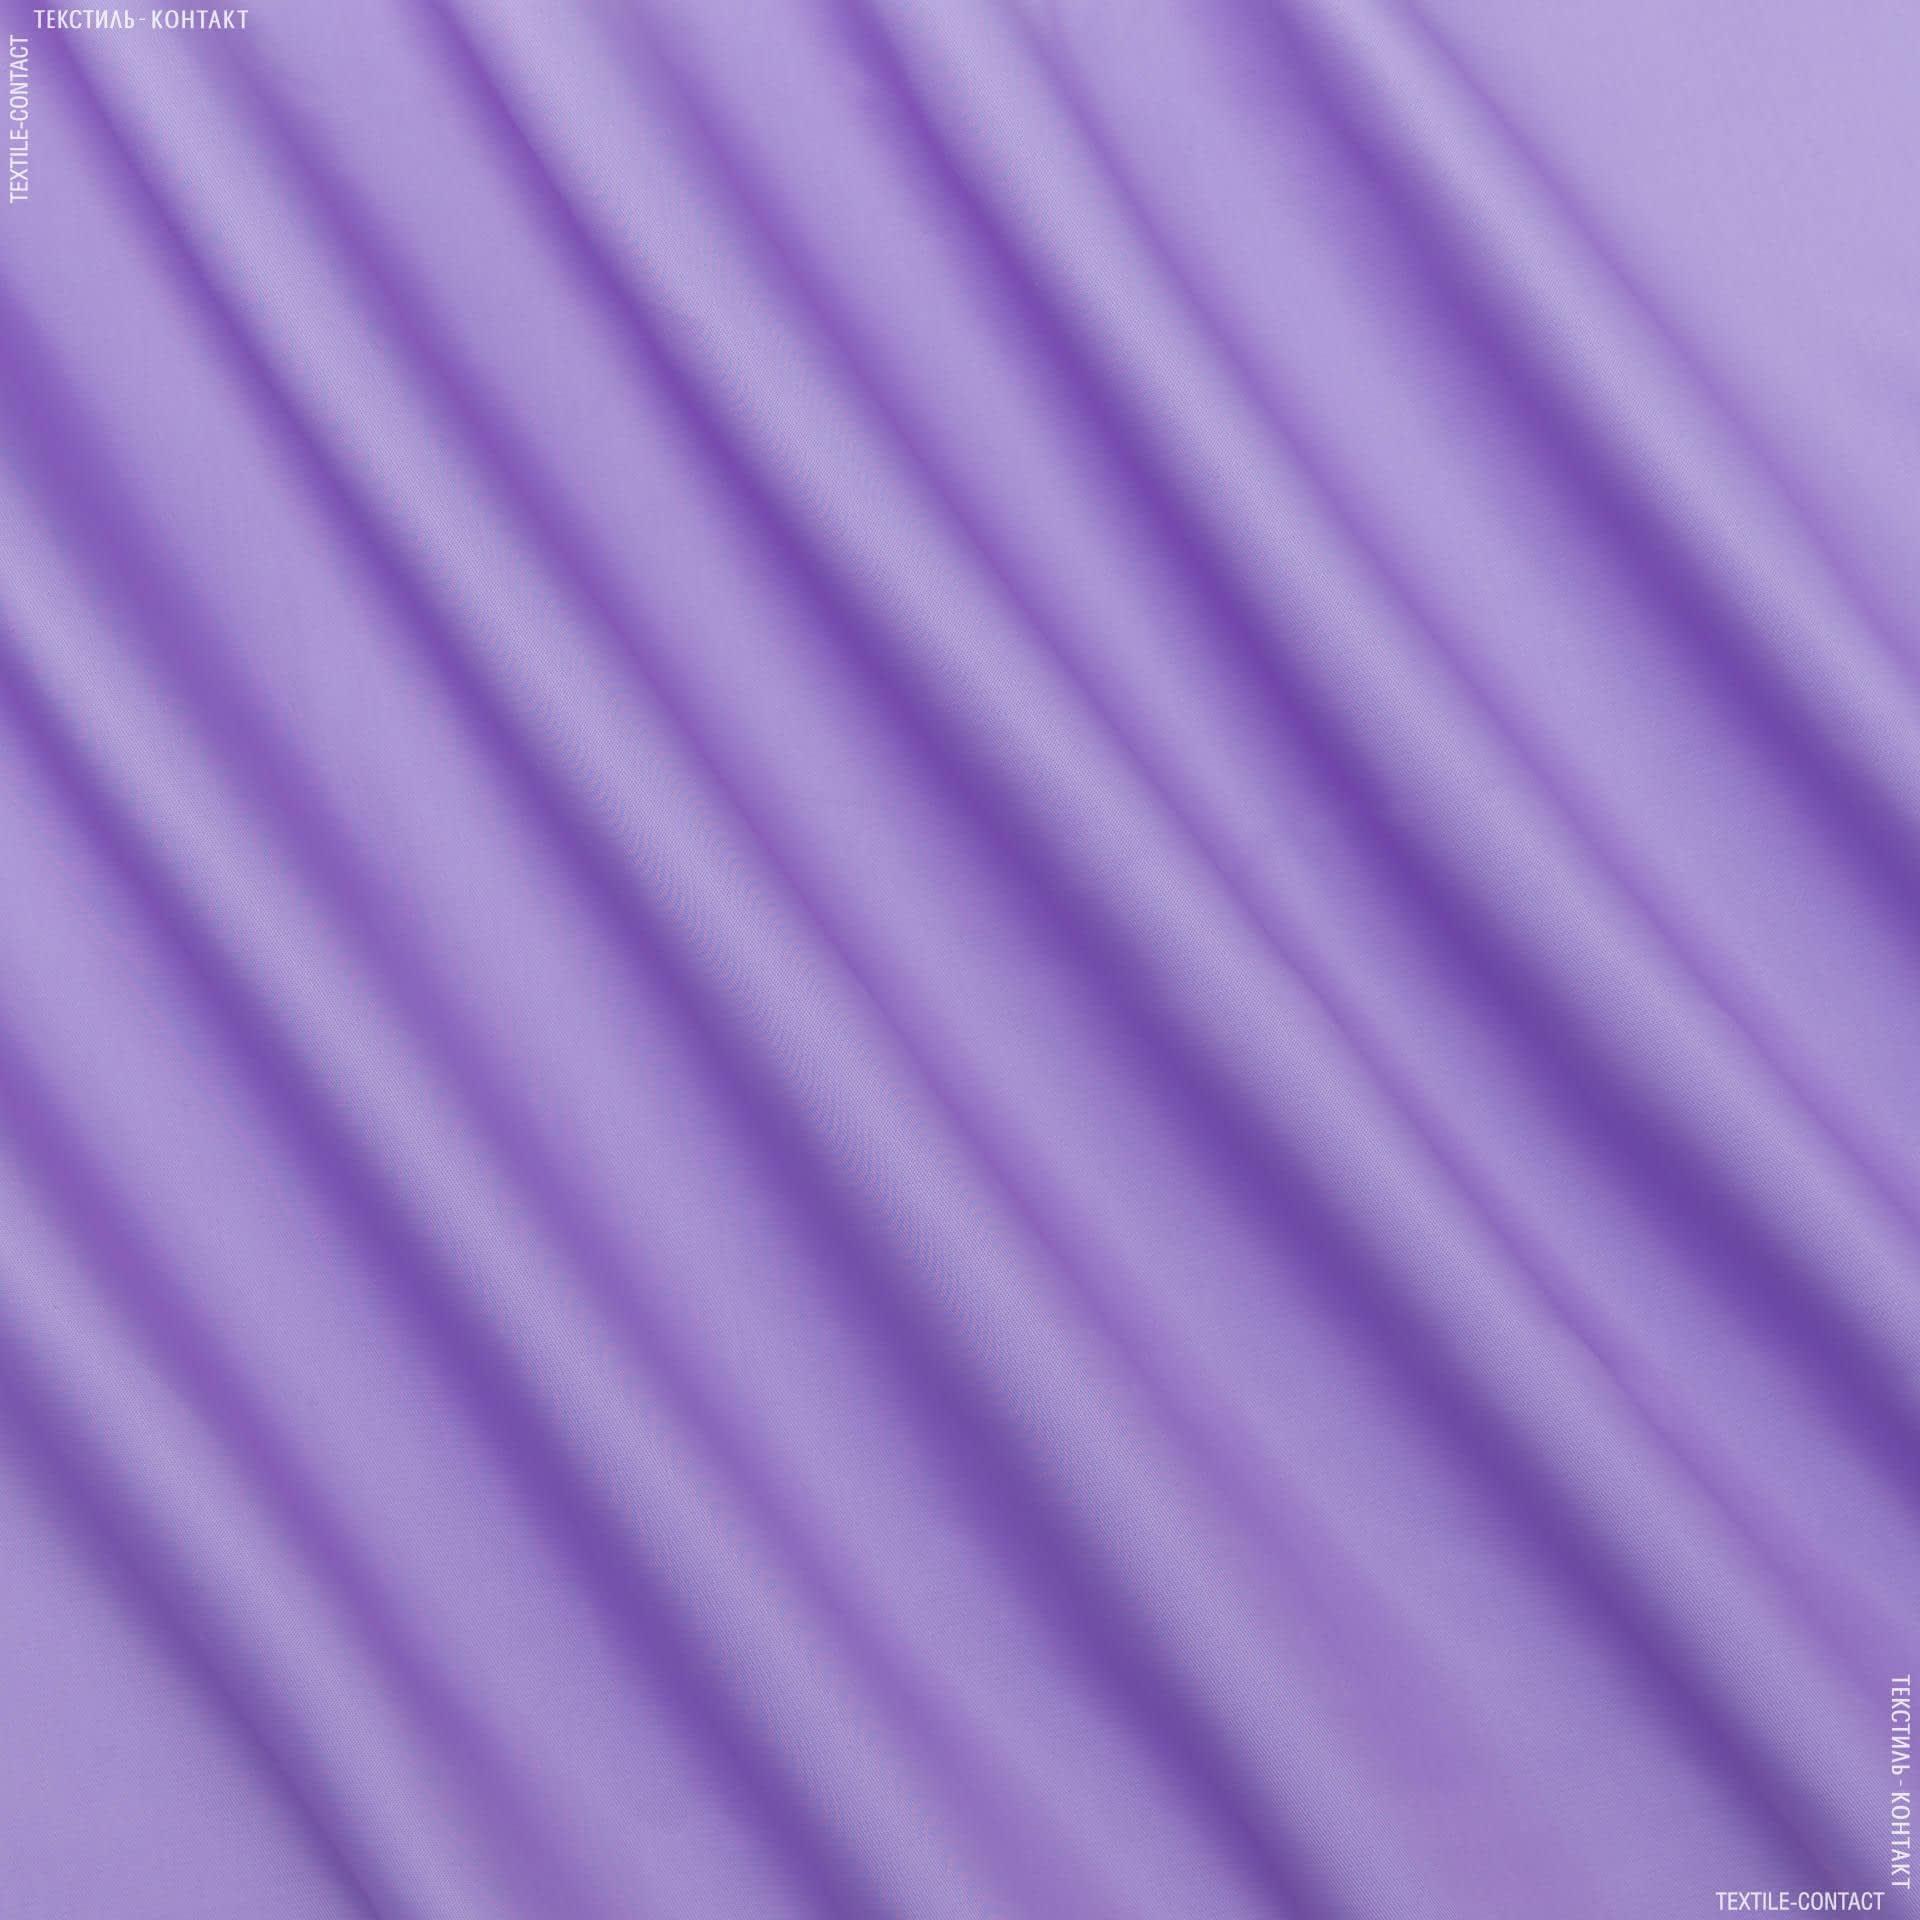 Ткани подкладочная ткань - Подкладочный атлас сиреневый